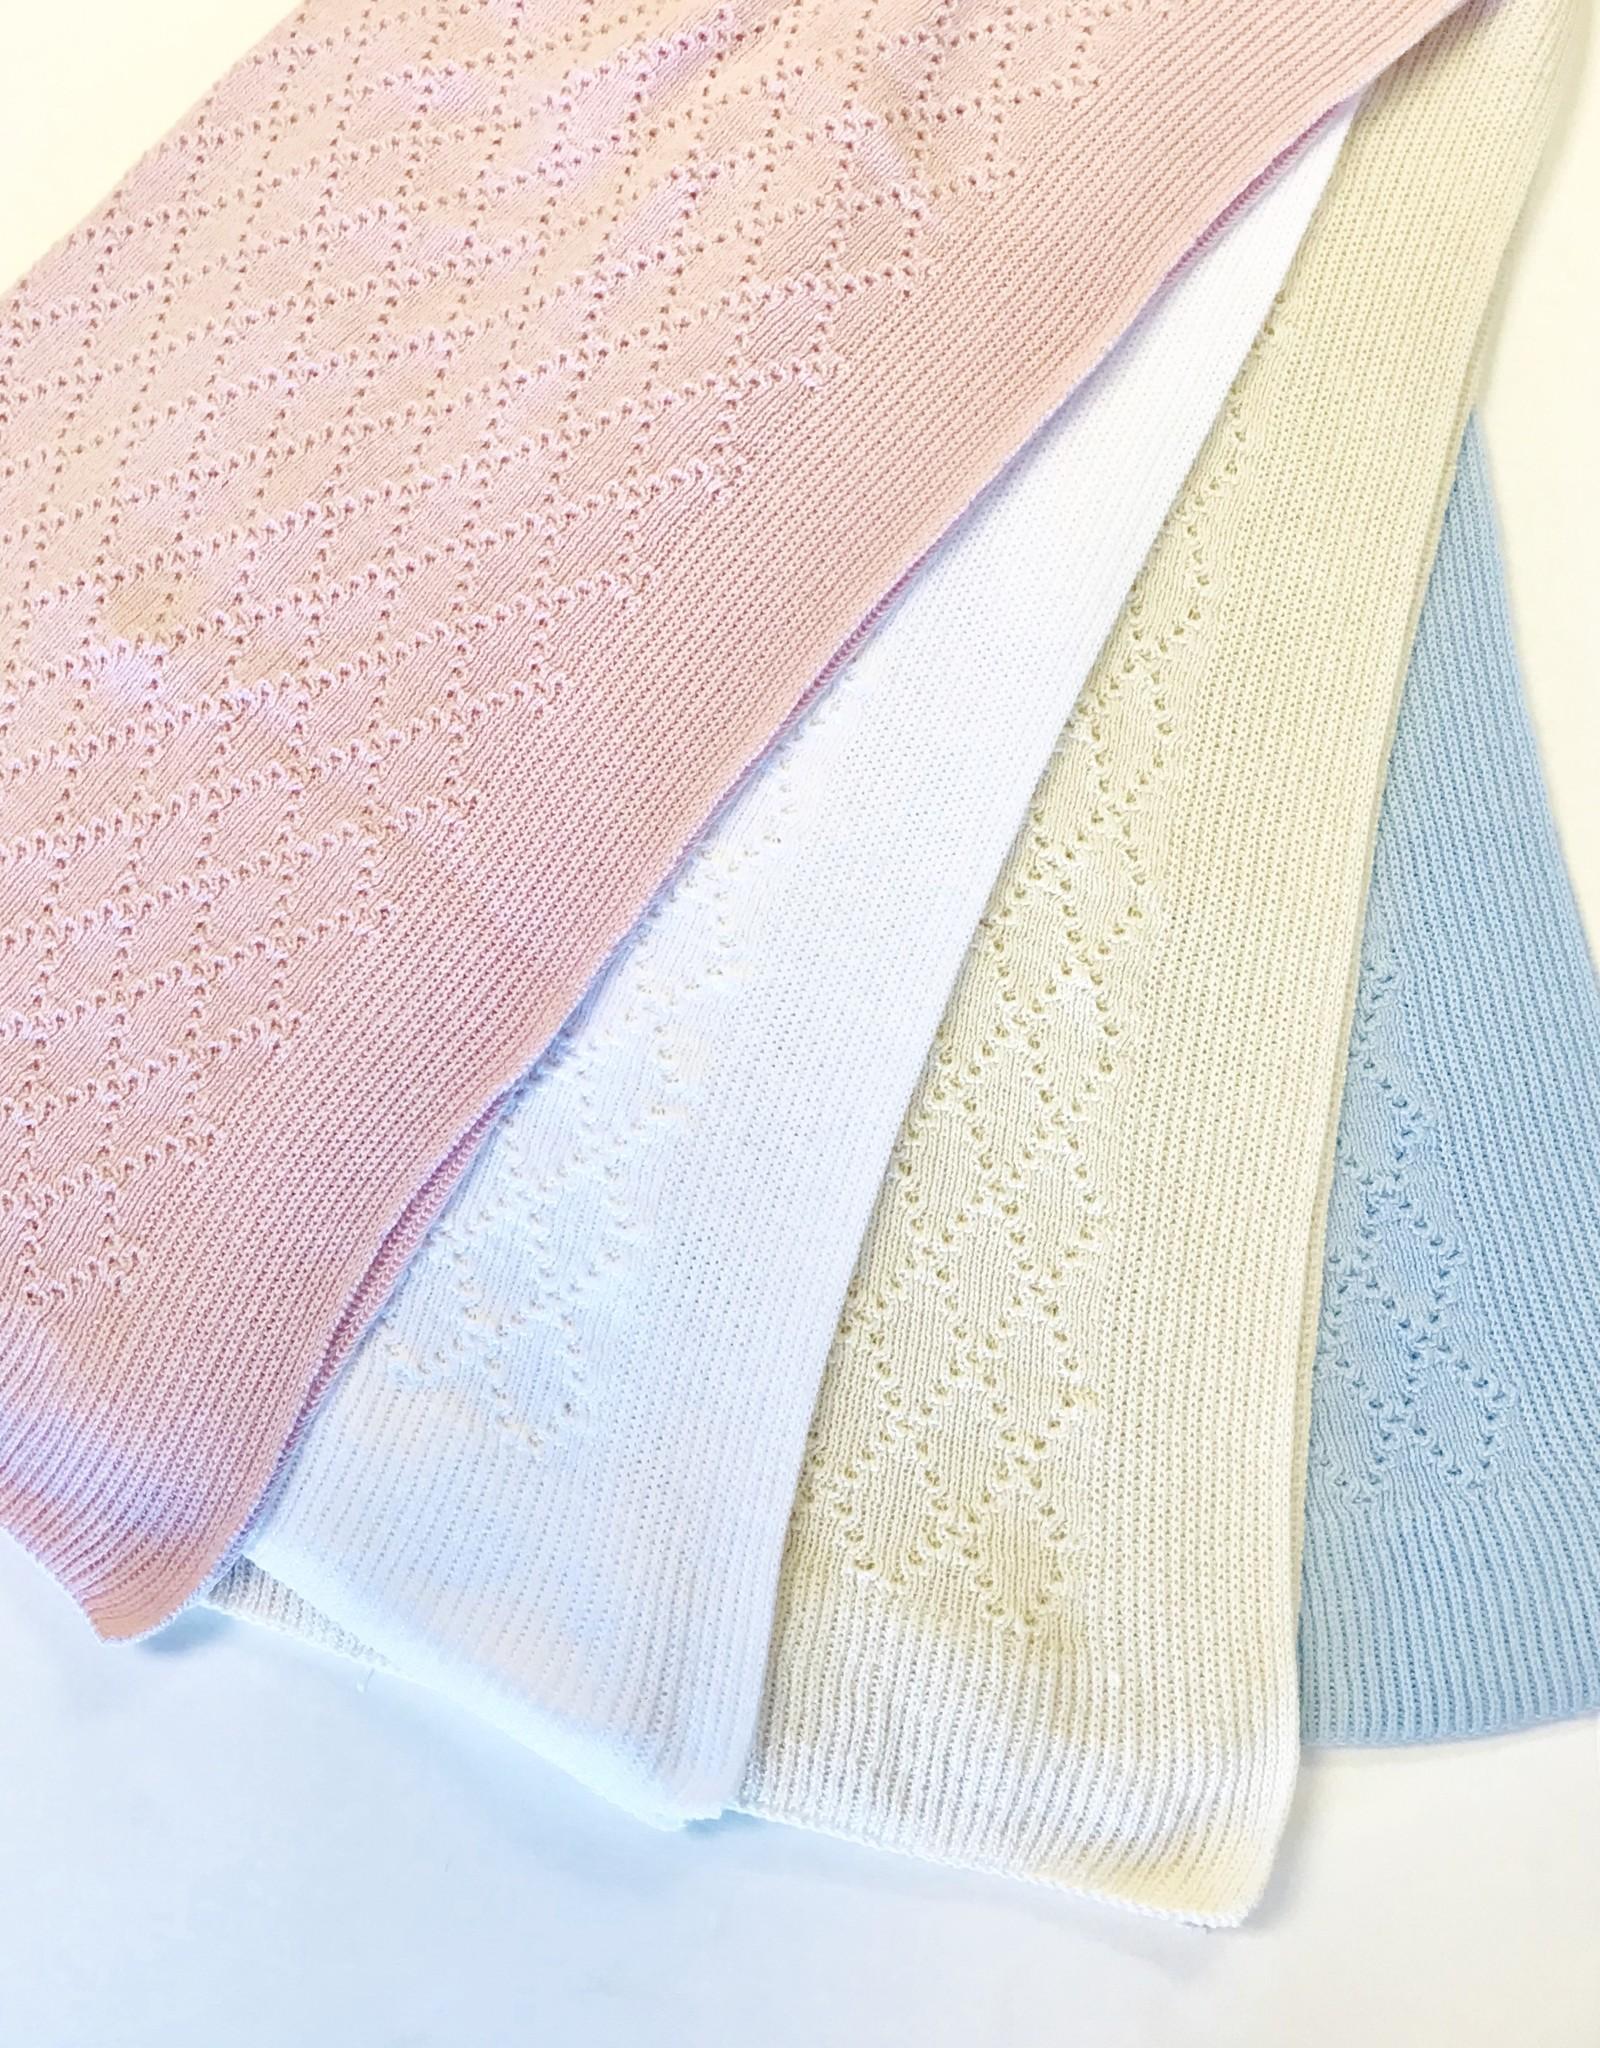 Knitknacks Knit Blanket Diamonds Knitknacks